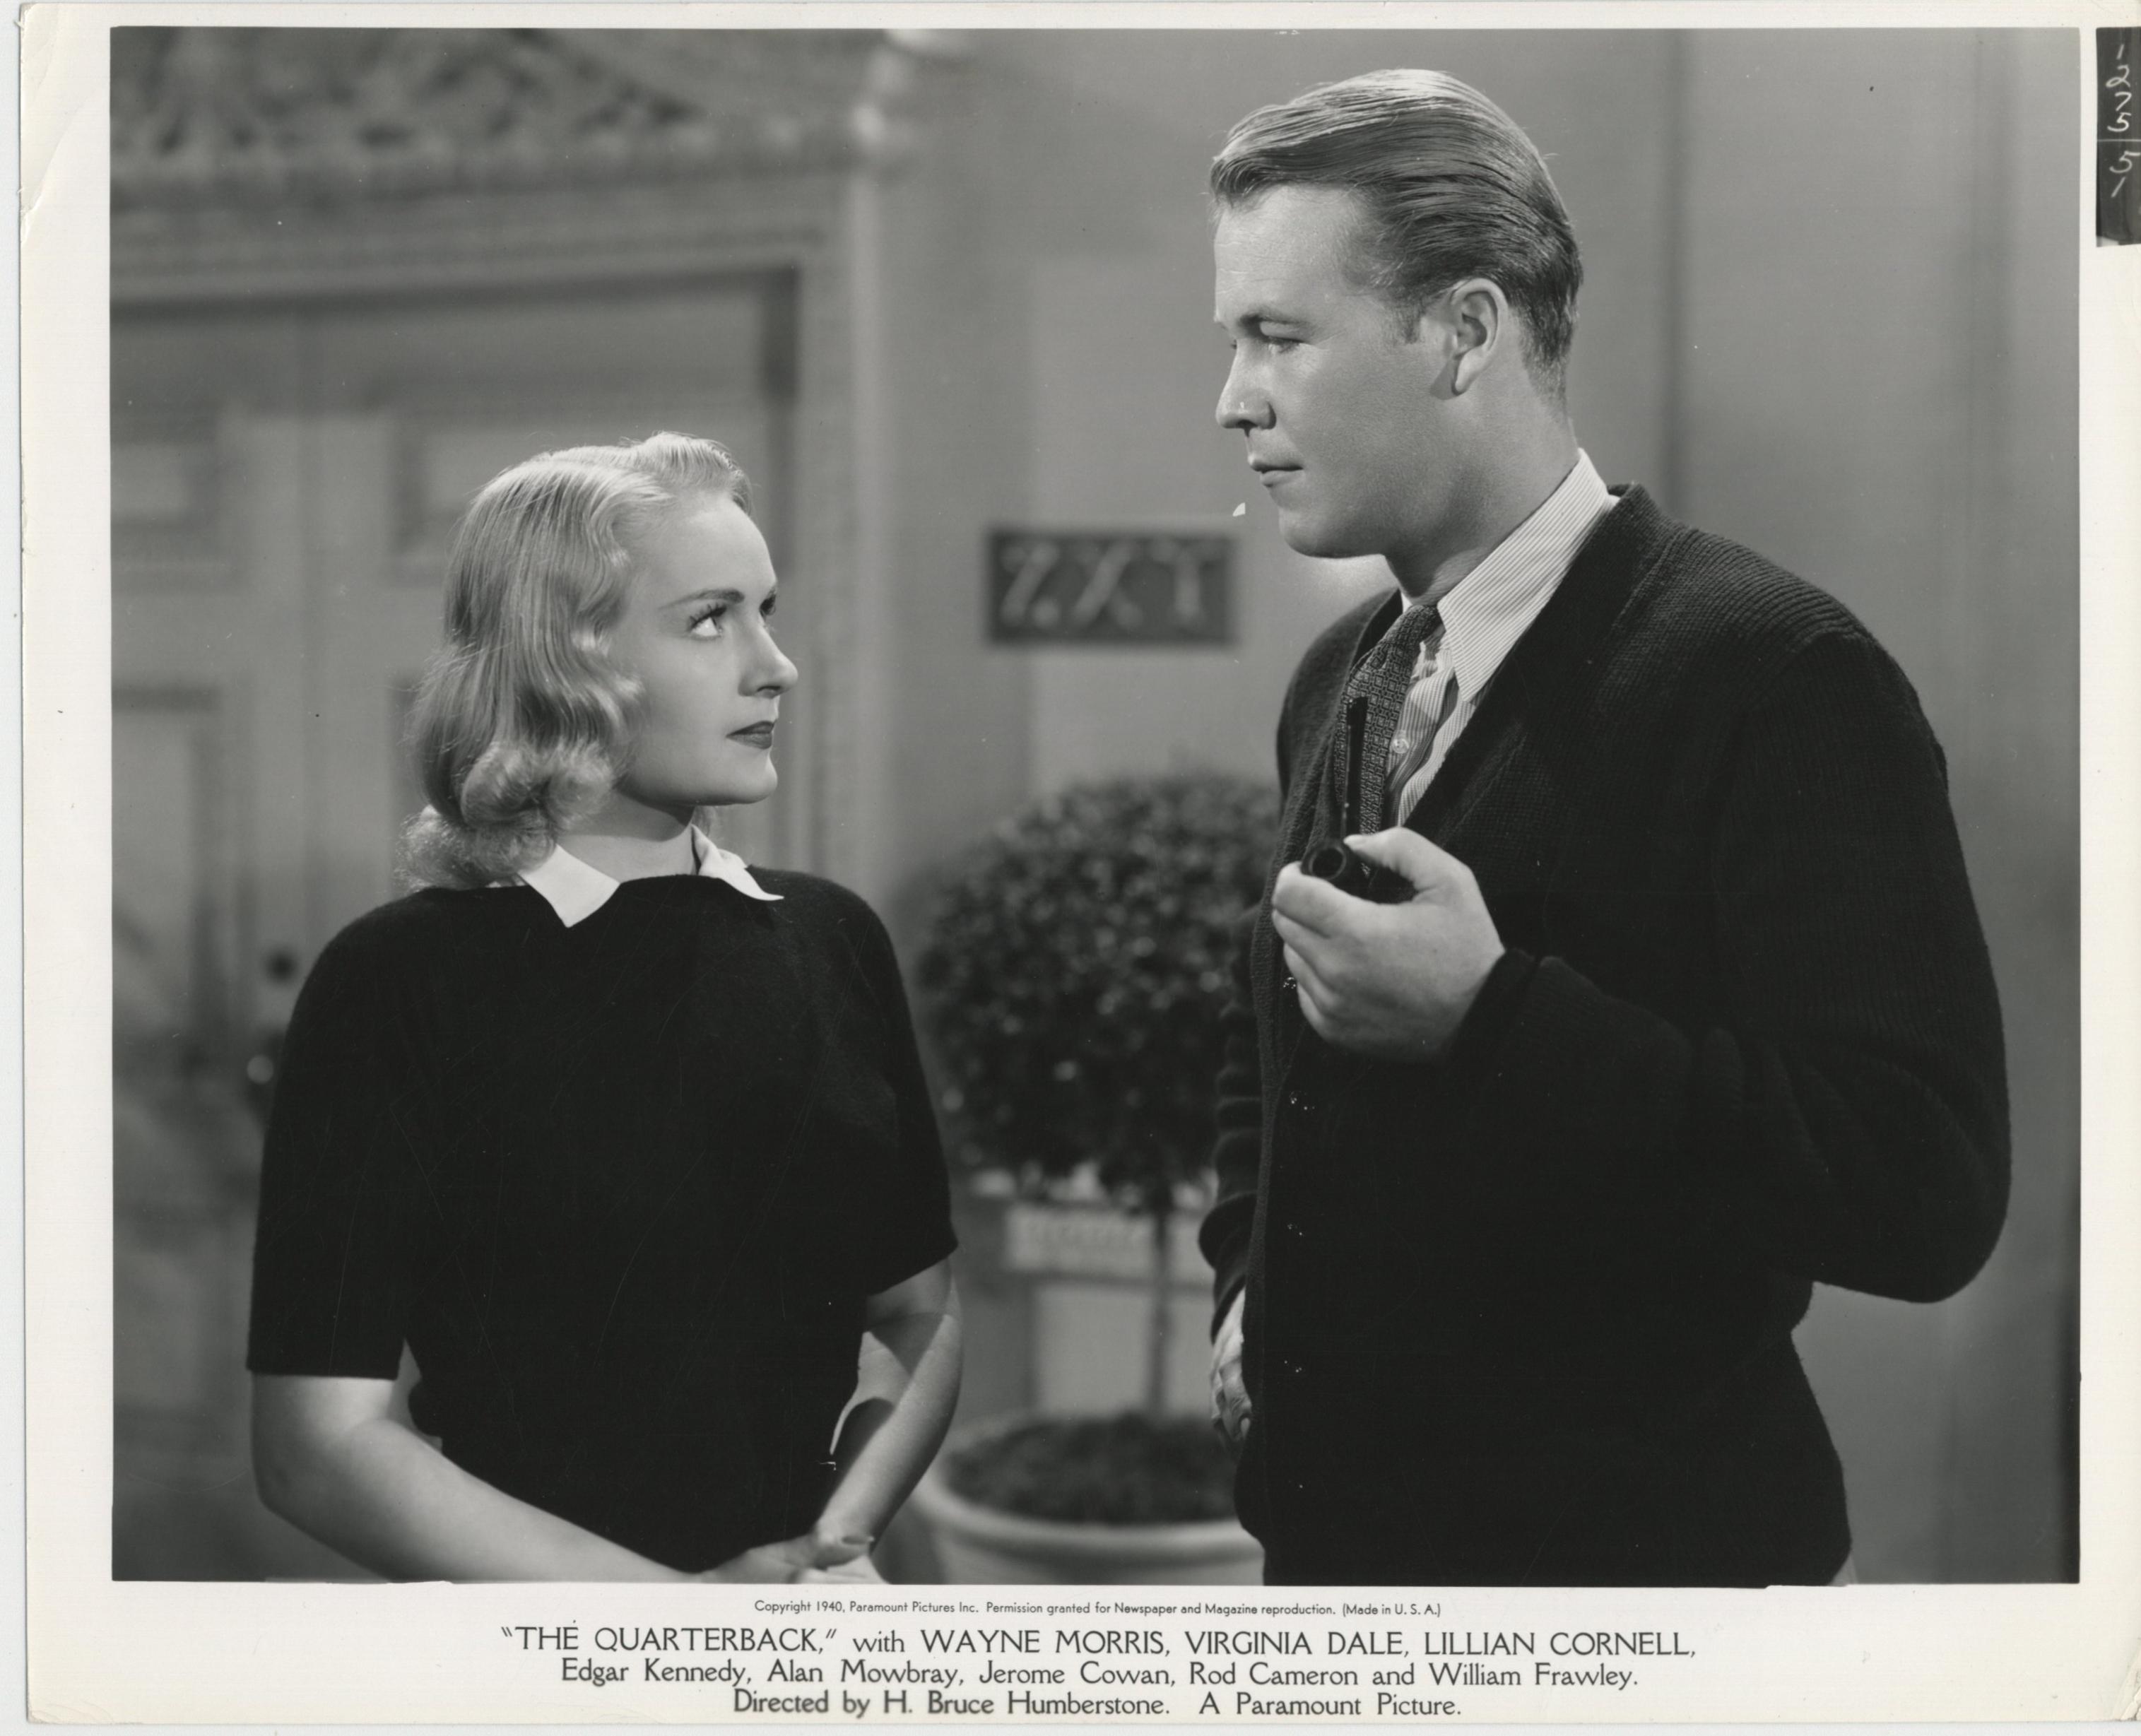 Virginia Dale and Wayne Morris in The Quarterback (1940)